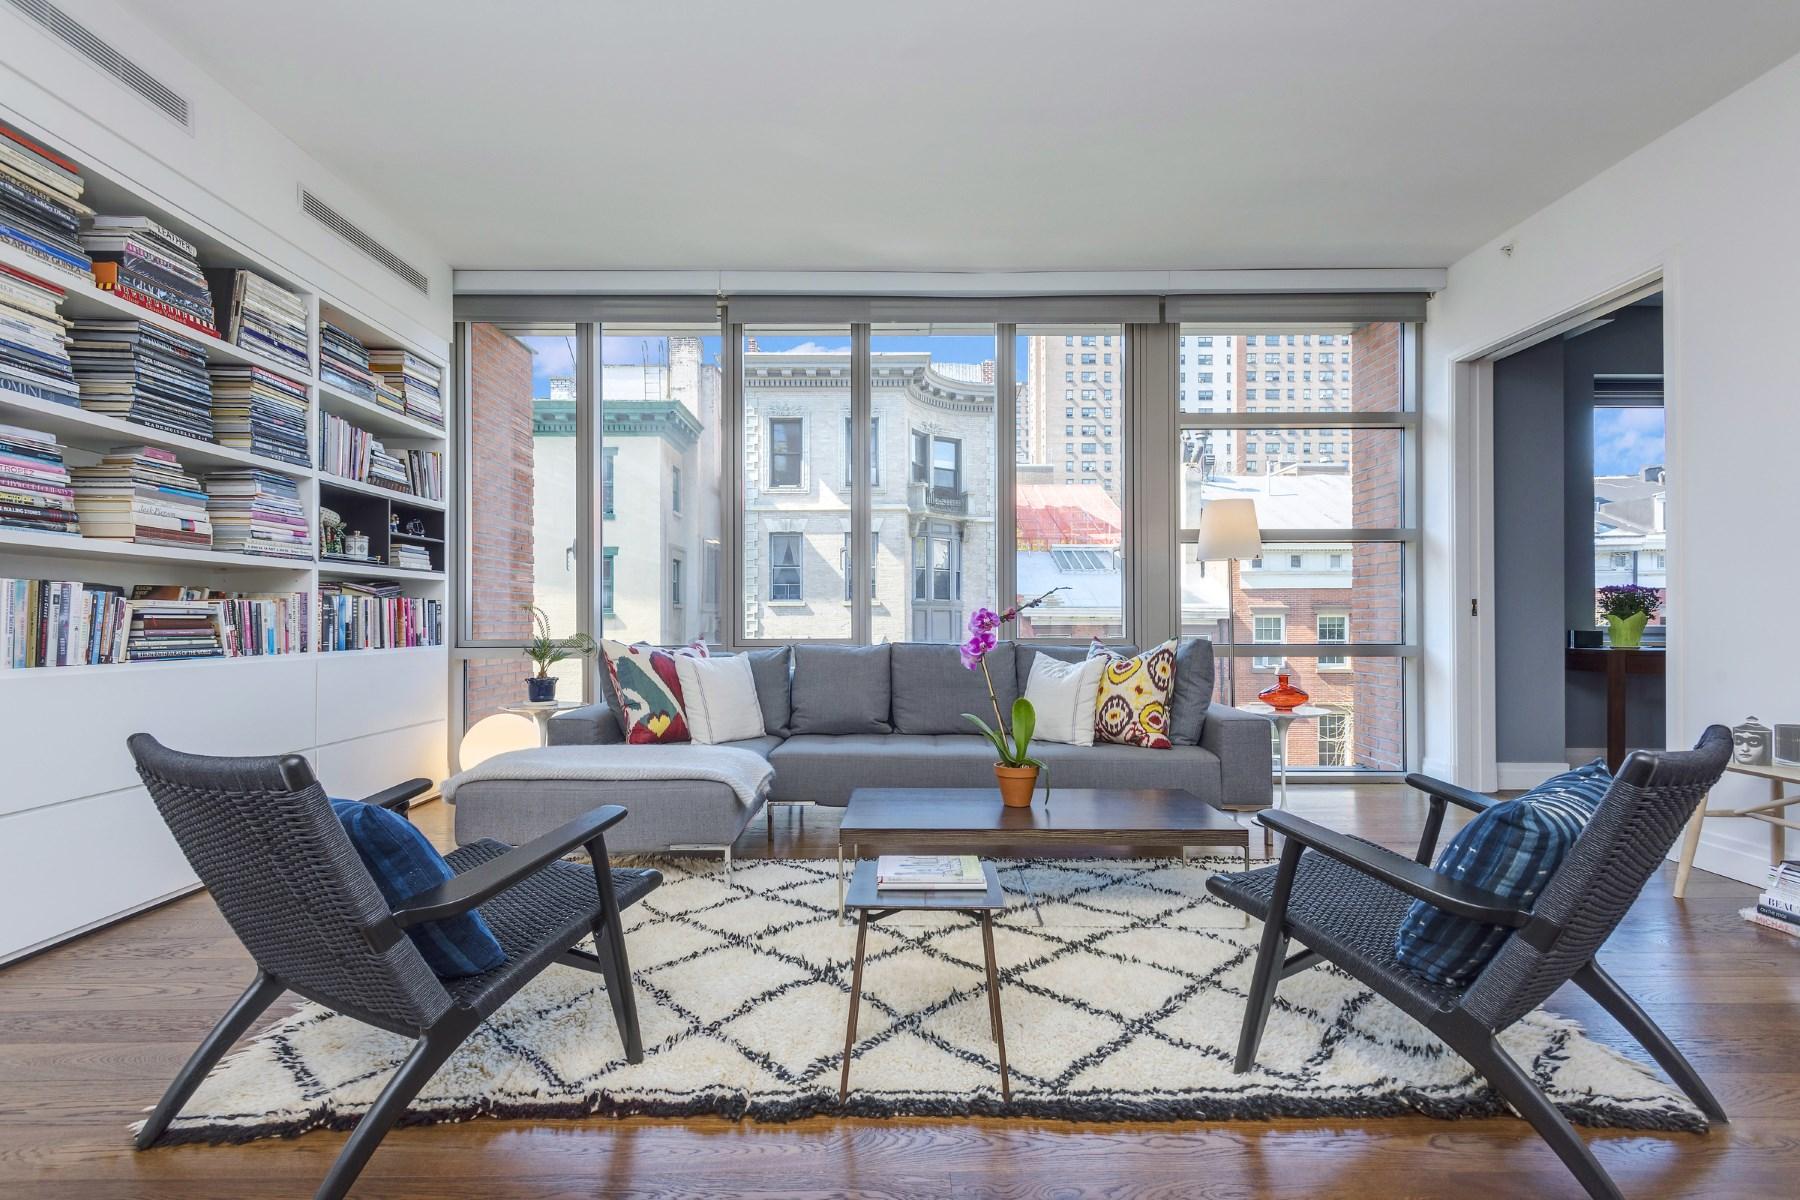 Eigentumswohnung für Verkauf beim 177 Ninth Avenue, Apt. 4B 177 Ninth Avenue Apt 4B Chelsea, New York, New York, 10011 Vereinigte Staaten